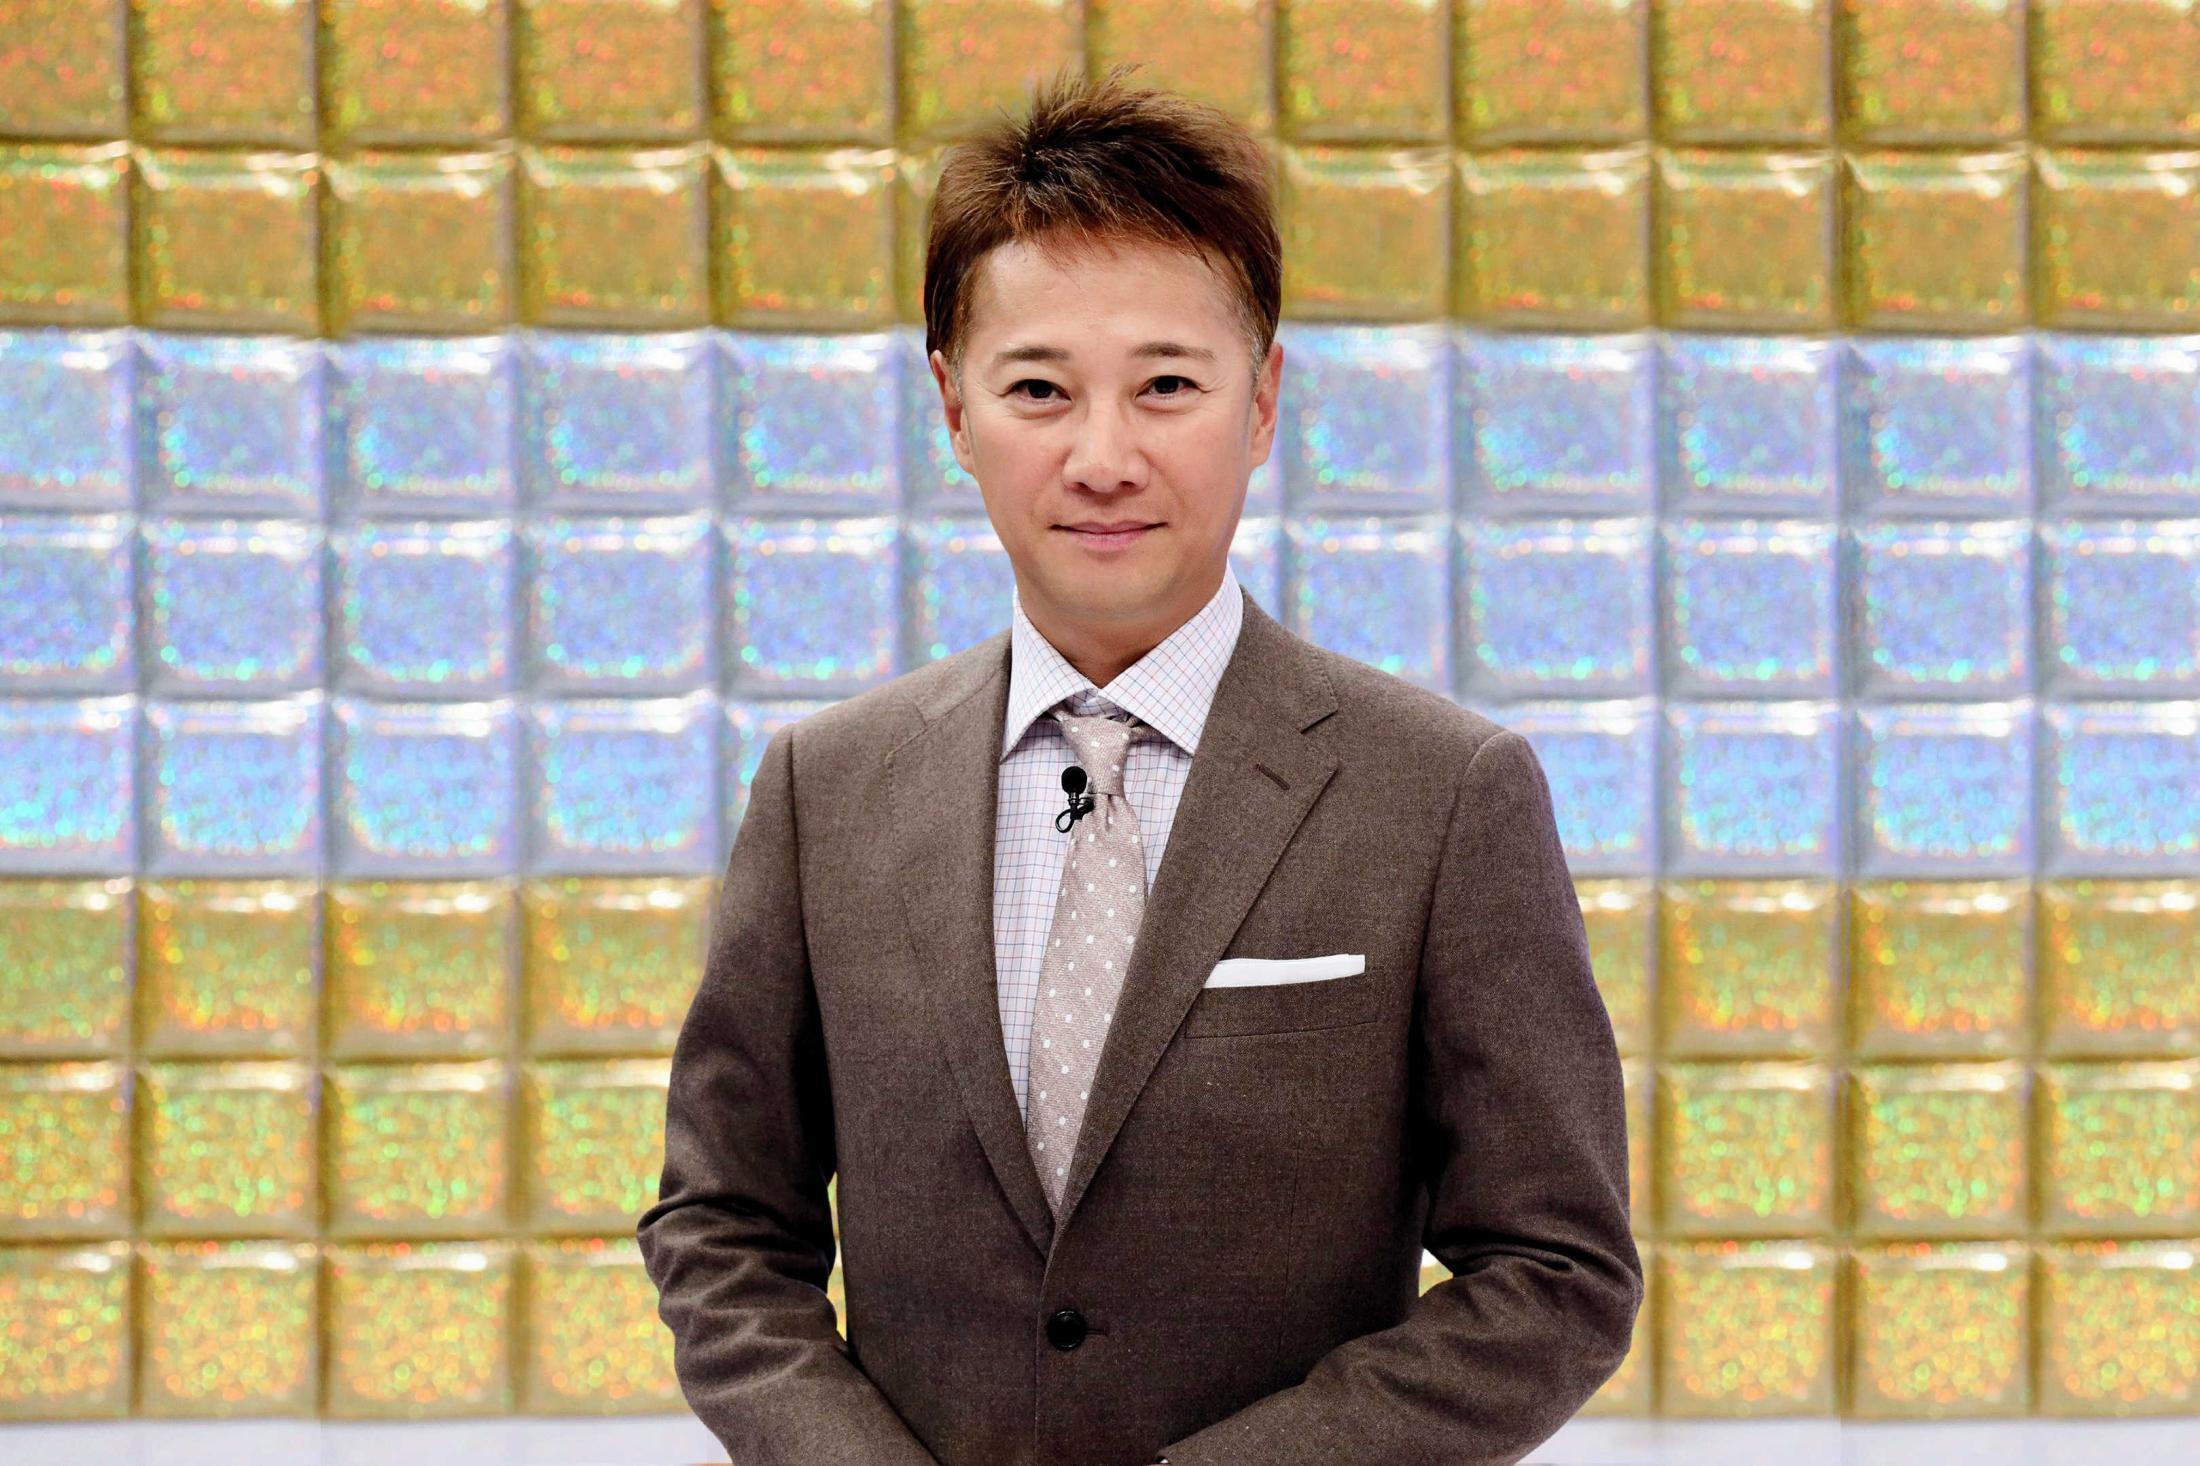 【悲報】中居クン、土曜のお昼の顔になる 冠ニュース番組初挑戦「イチから学ぶwwwww」